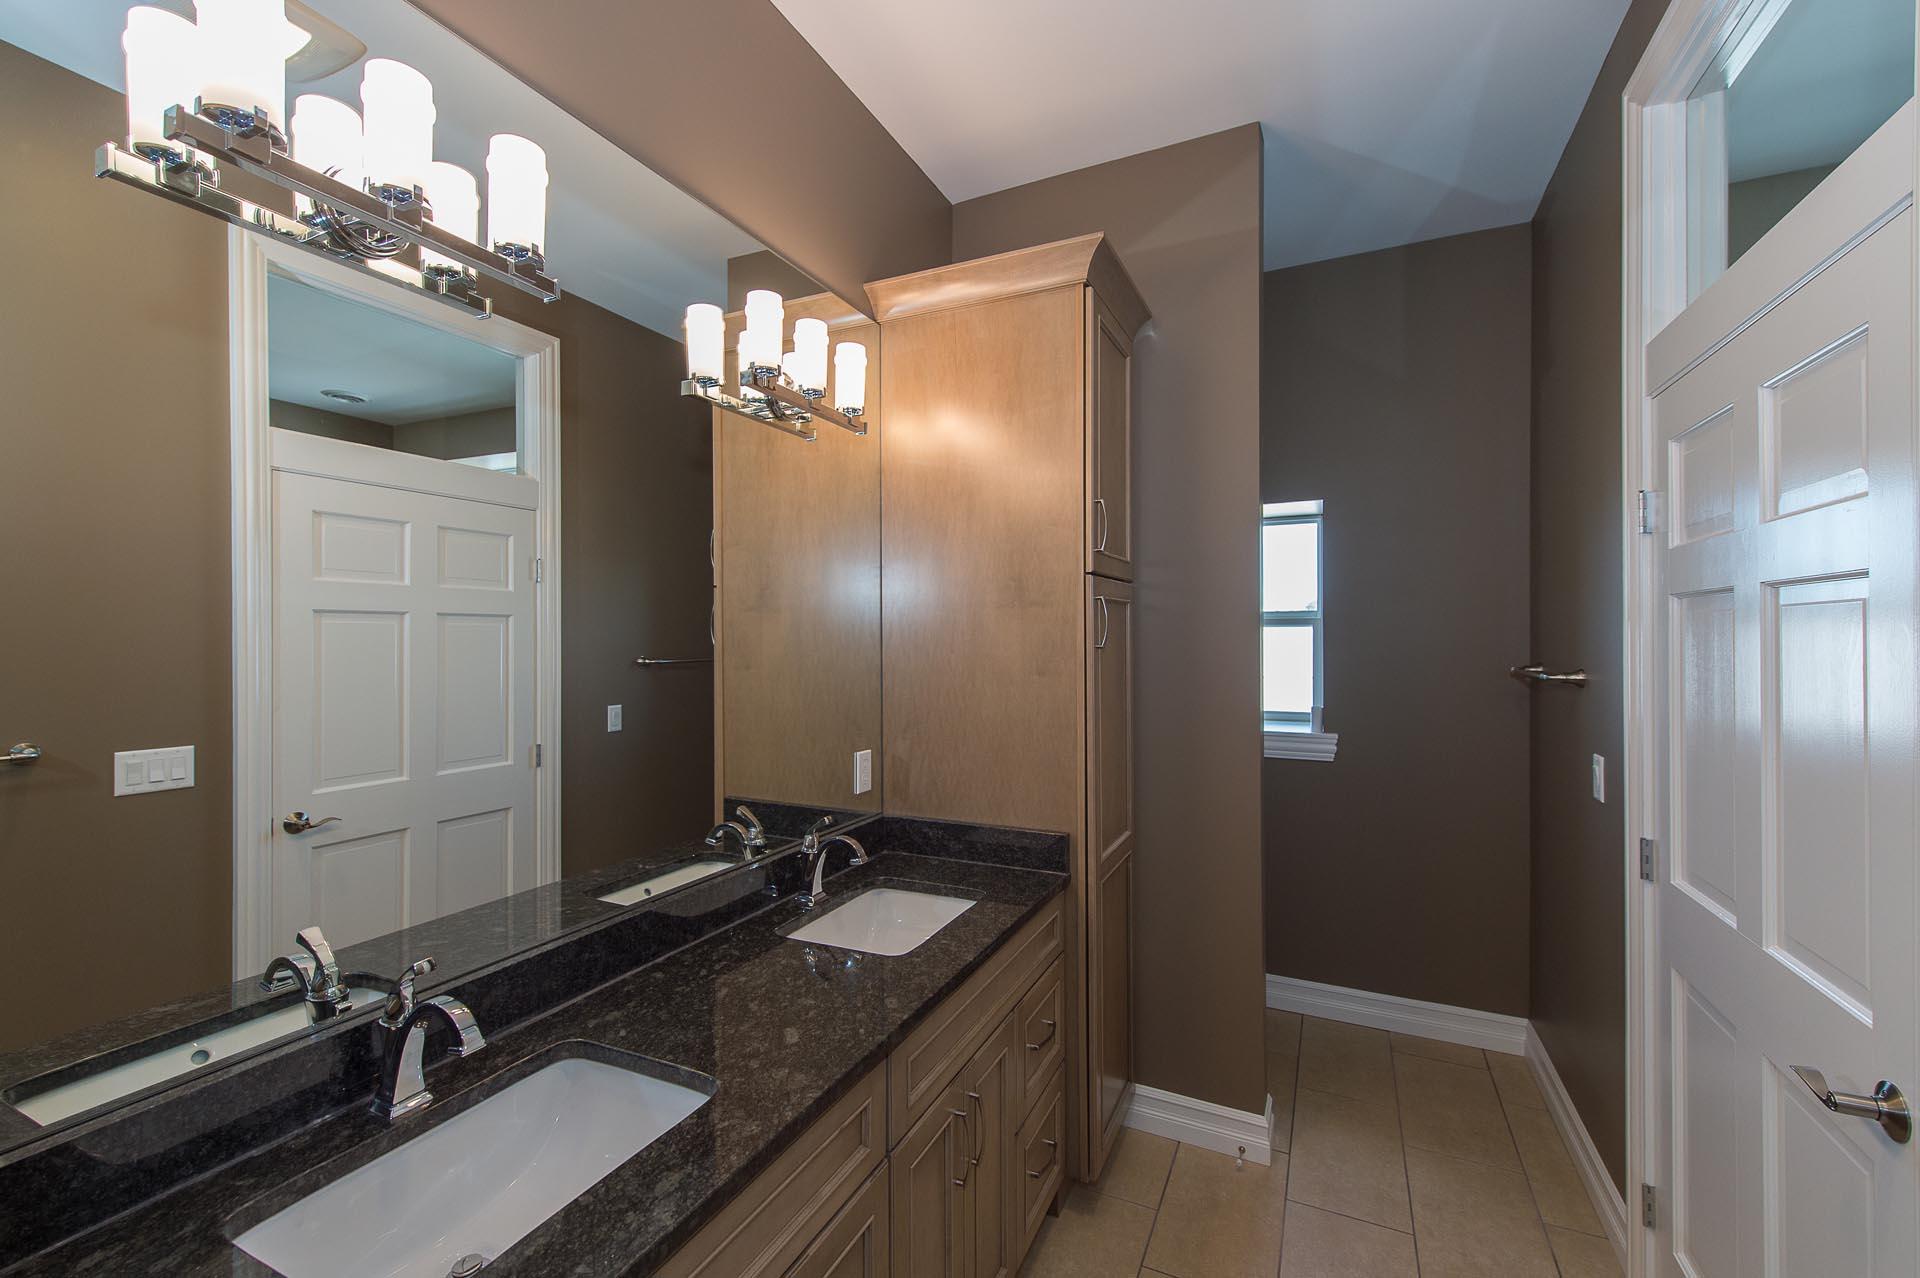 Bathroom Sink | 117 East Main St | Midland, MI